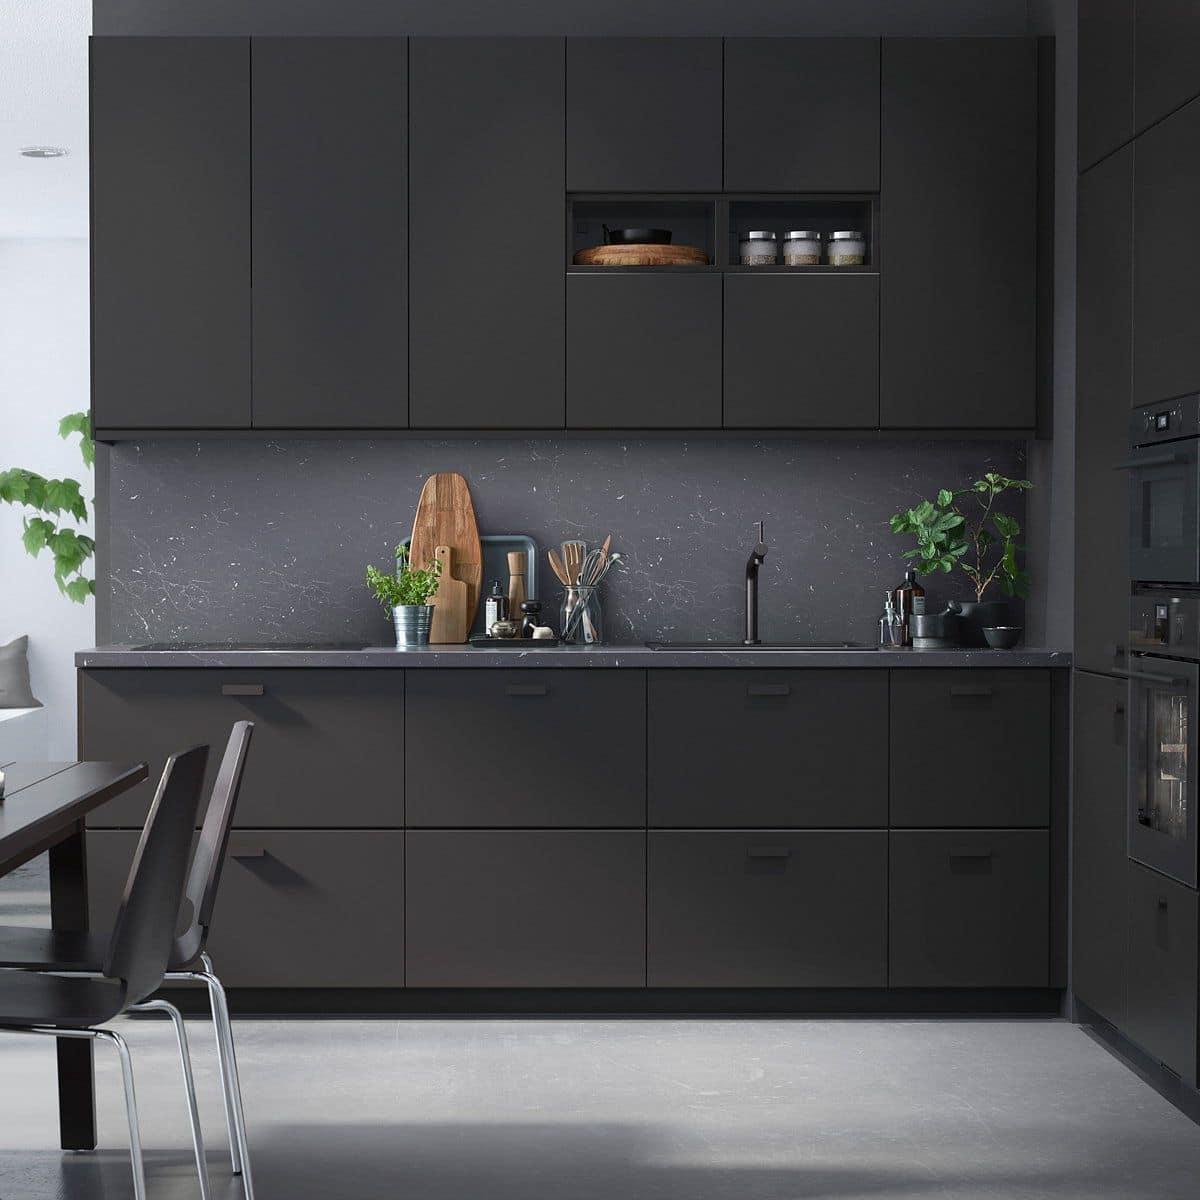 Intérieur de cuisine stylé dans des tons noirs et gris